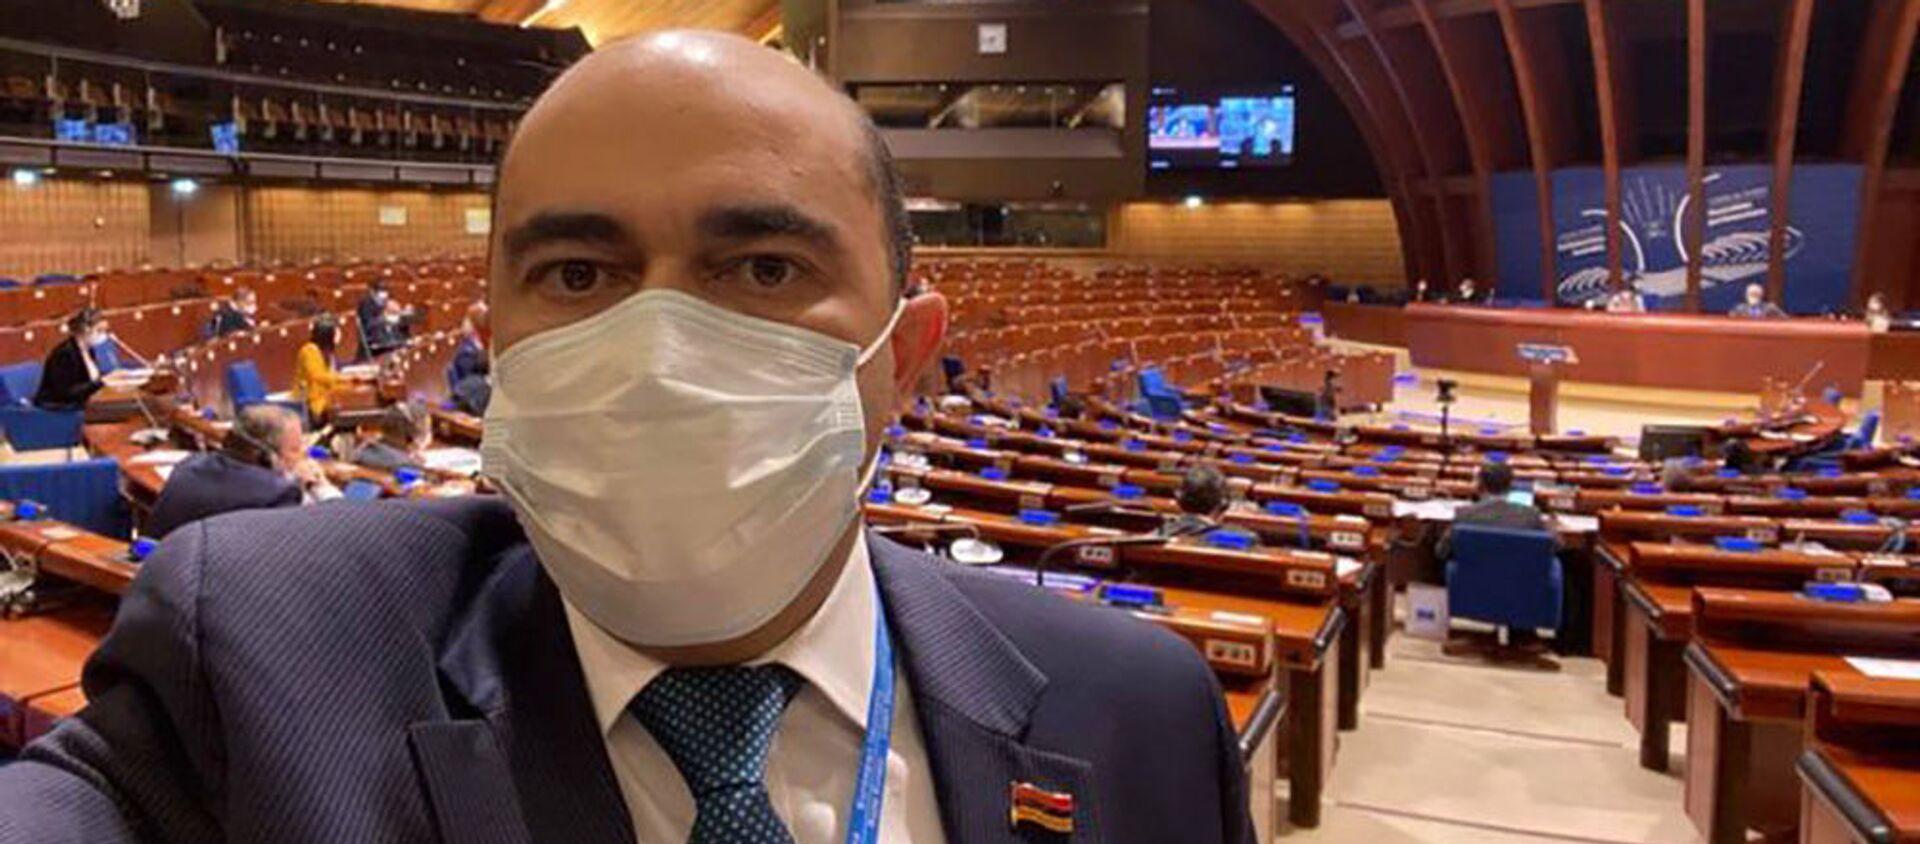 Эдмон Марукян после пленарного заседания Парламентской ассамблеи Совета Европы (25 января 2021). Марсель - Sputnik Արմենիա, 1920, 21.06.2021